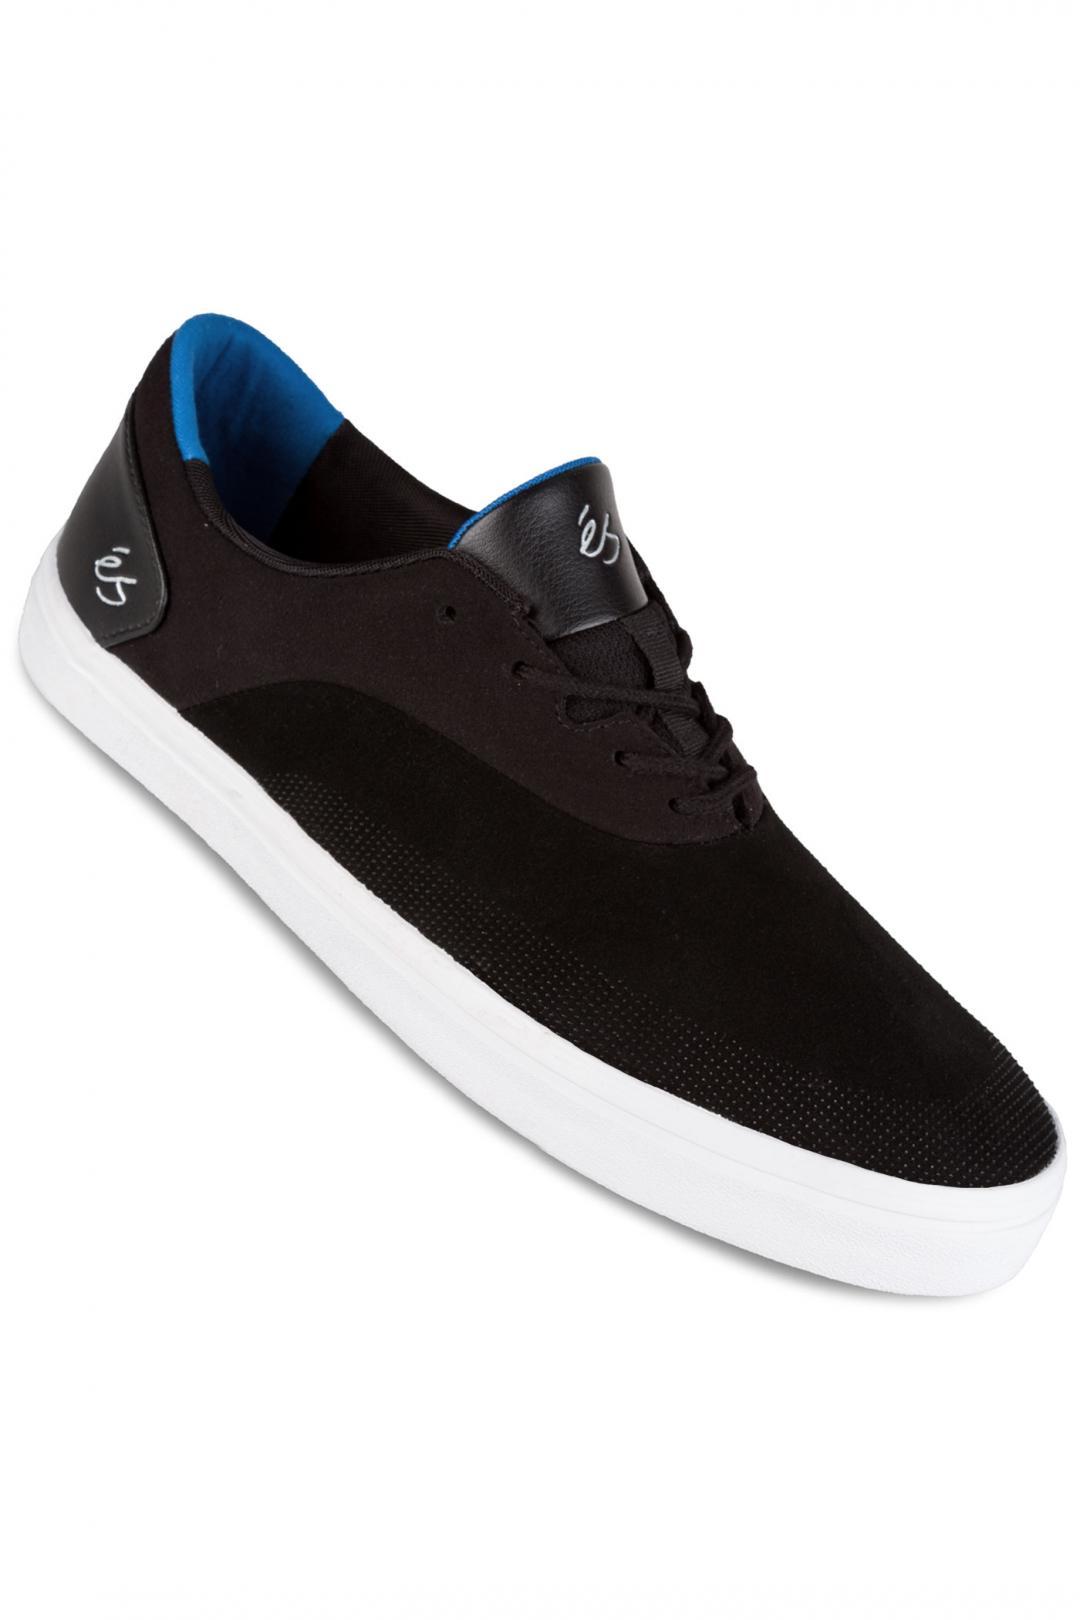 Uomo éS ARC black | Sneaker